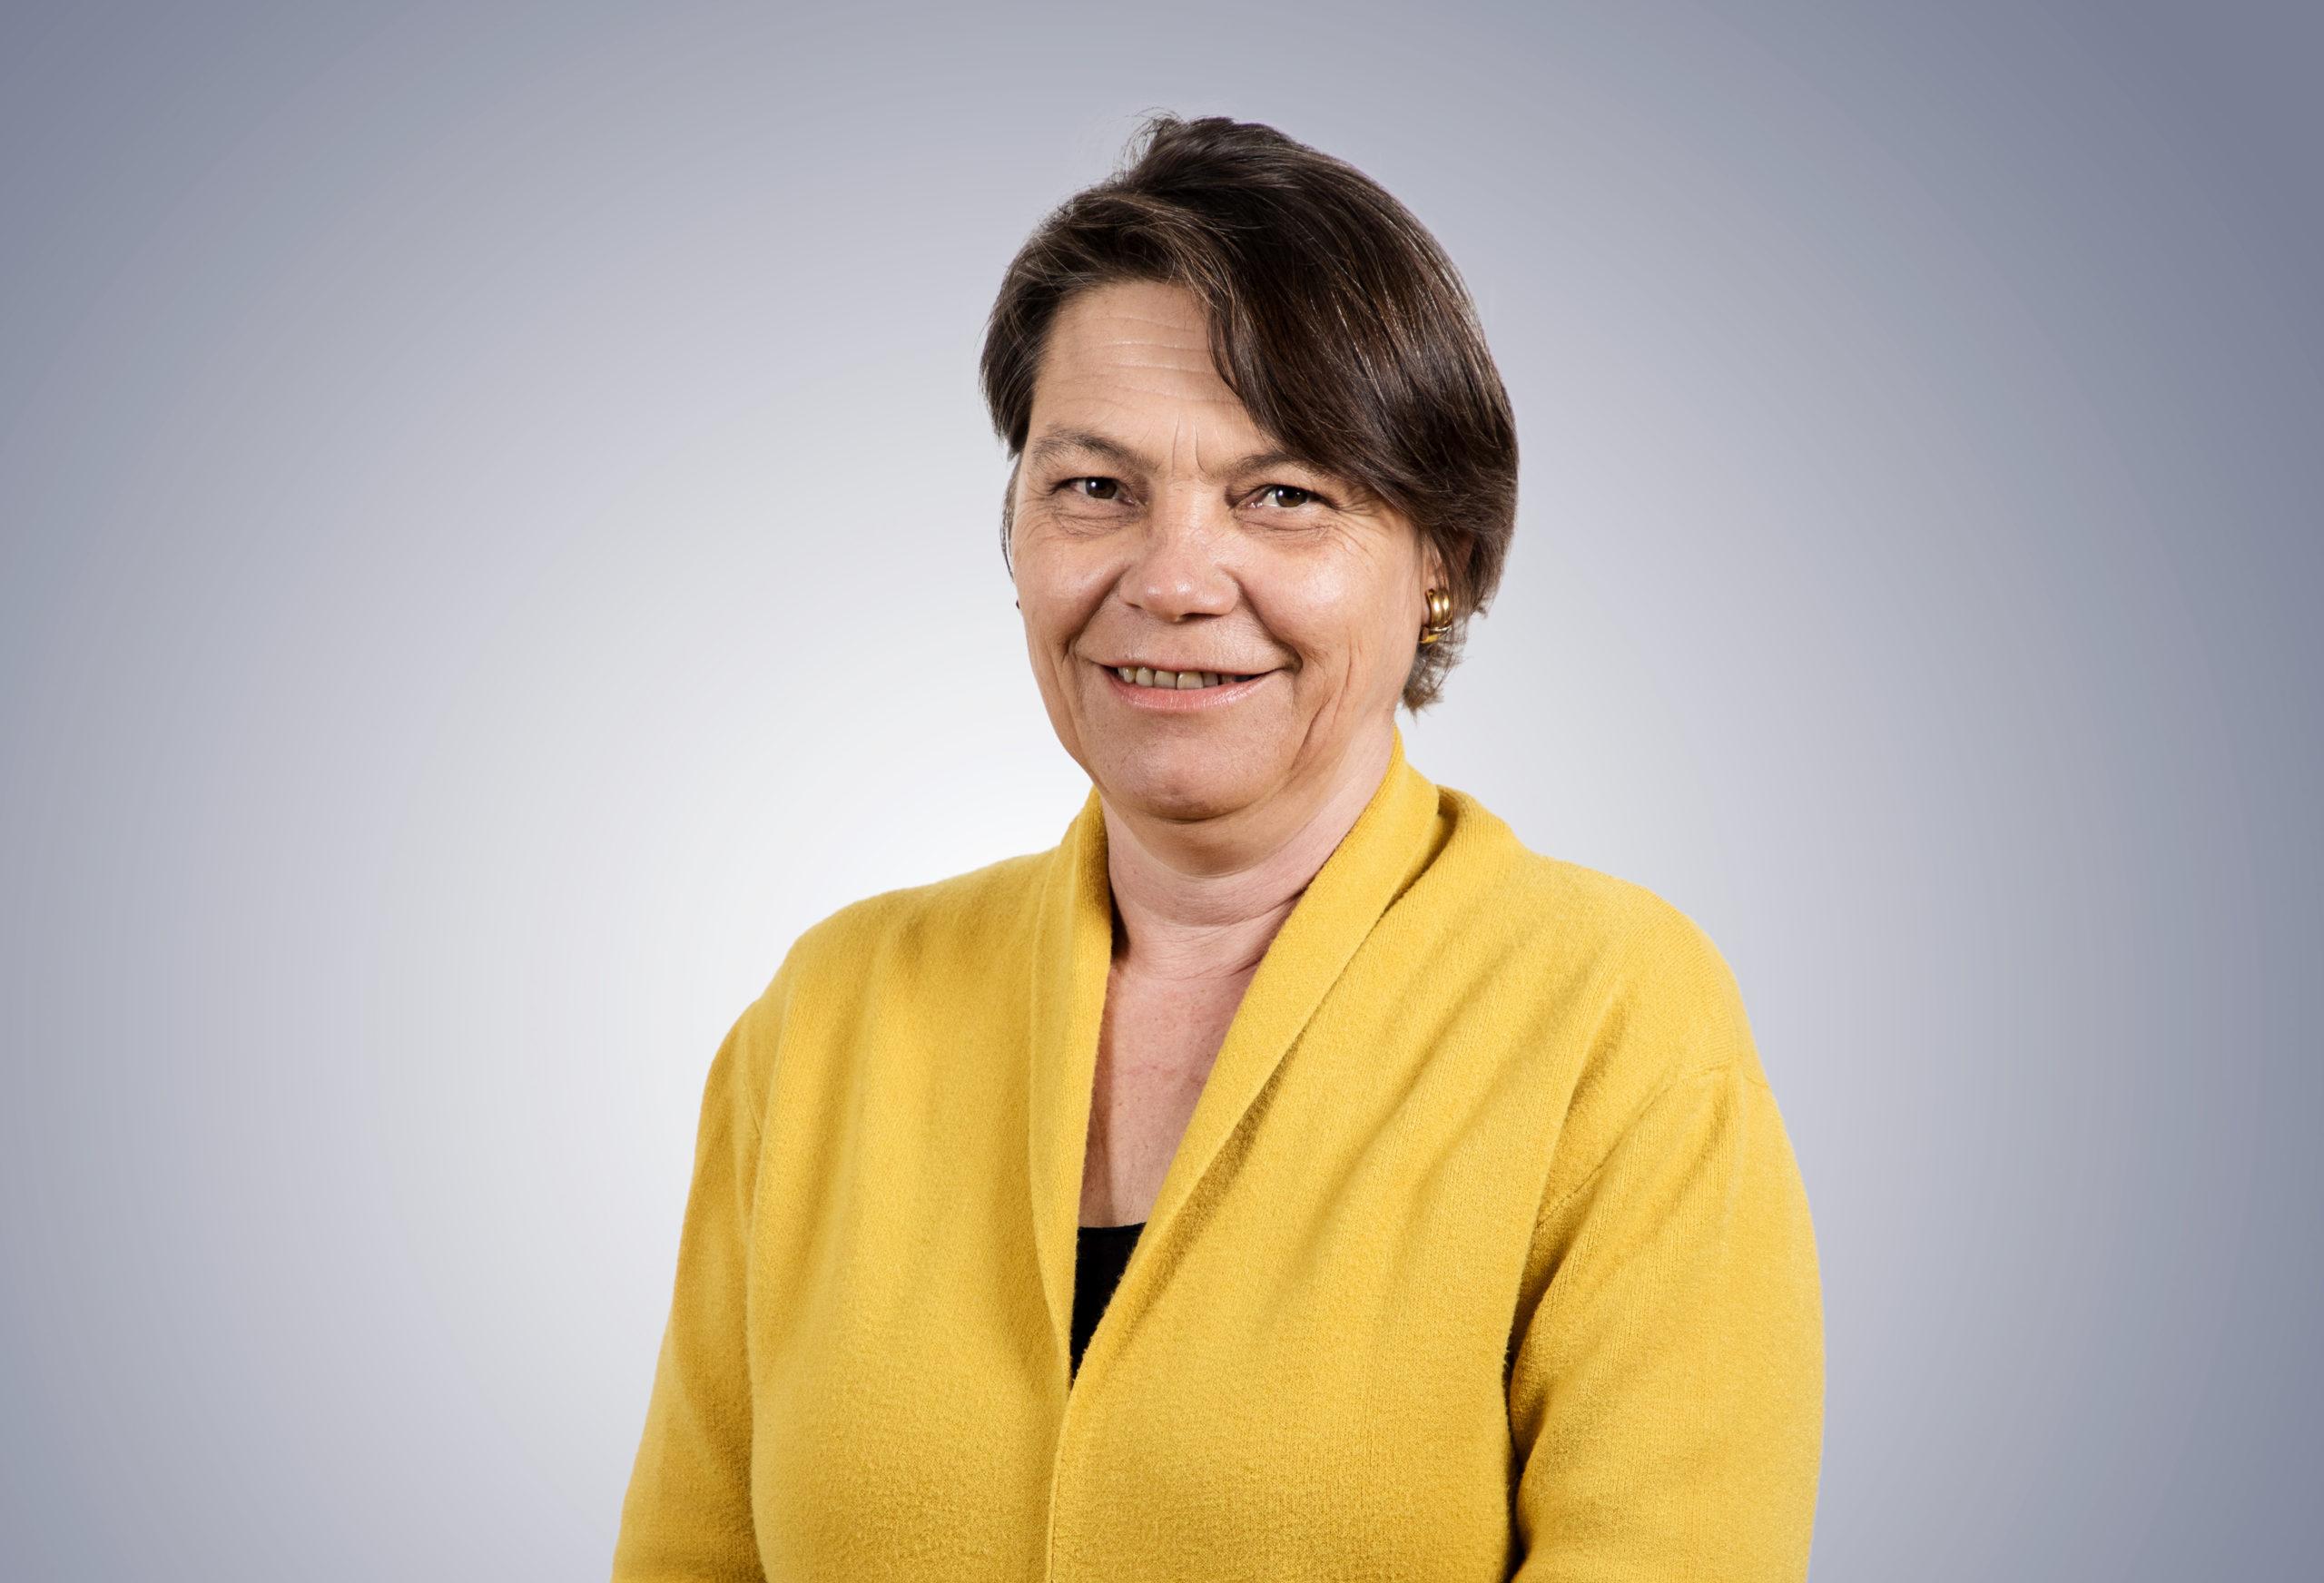 Renate Trawöger